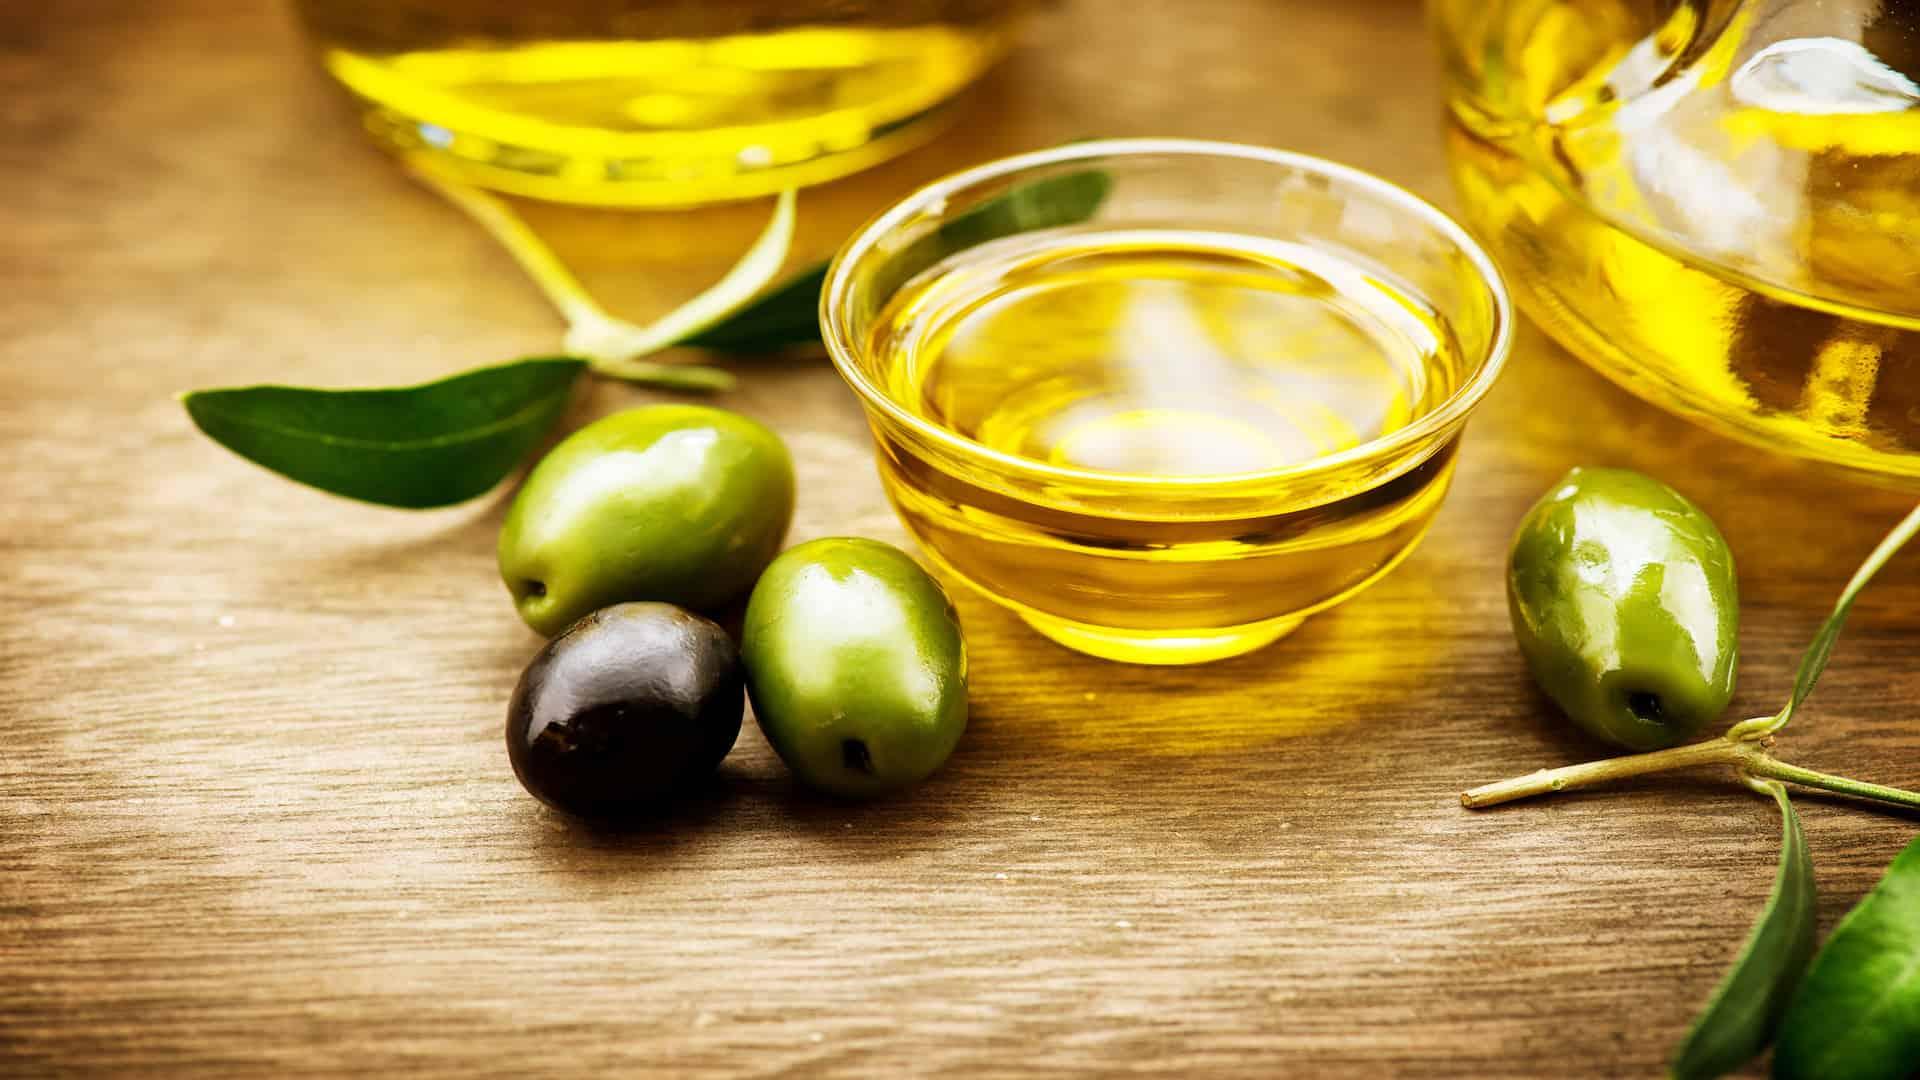 Imagem de potes com azeite de oliva e azeitonas.